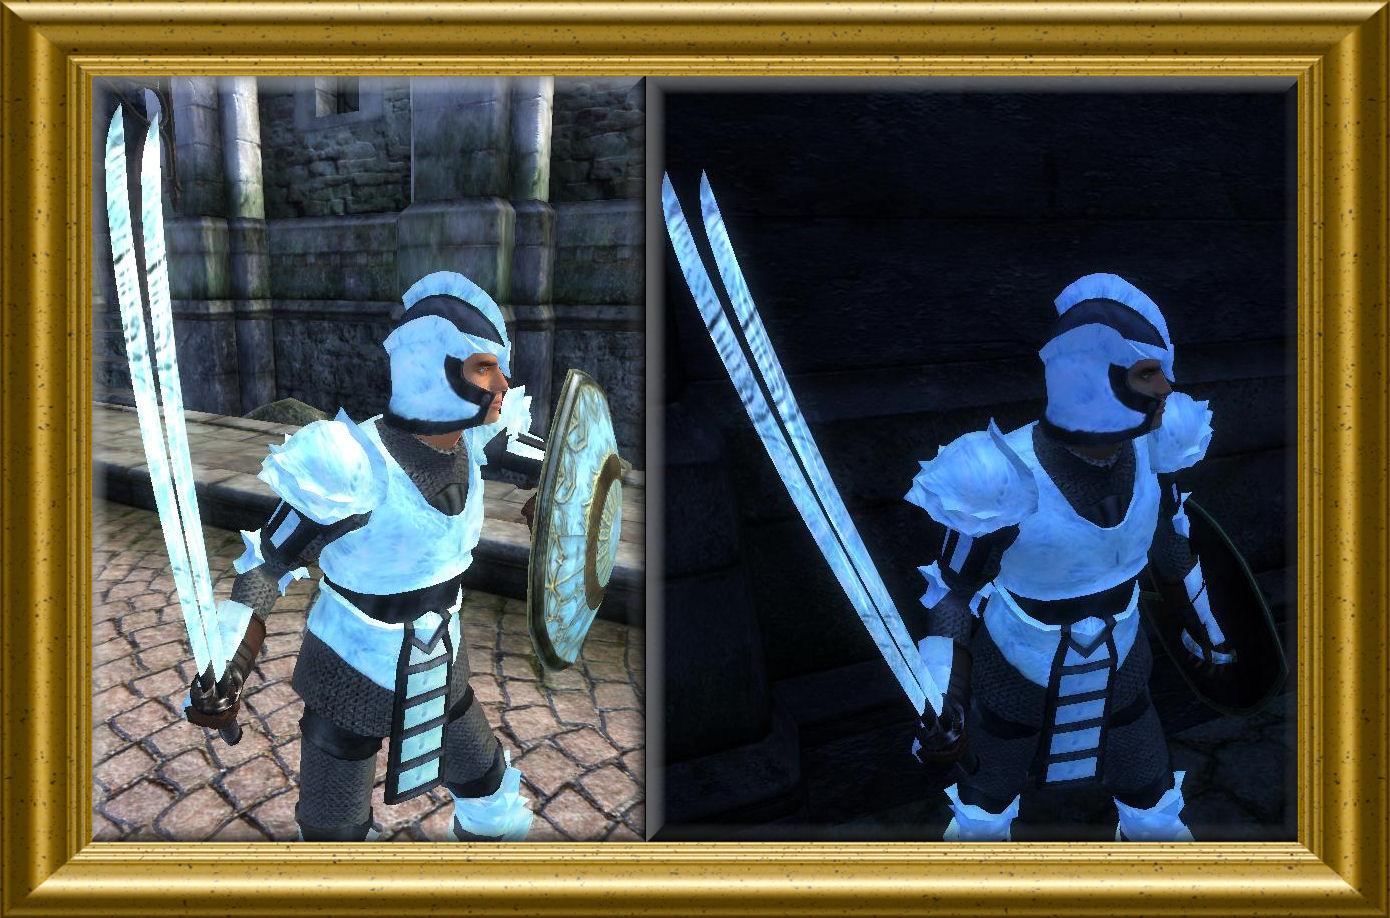 Ghogiels Armor - Elder Scrolls Oblivion Images